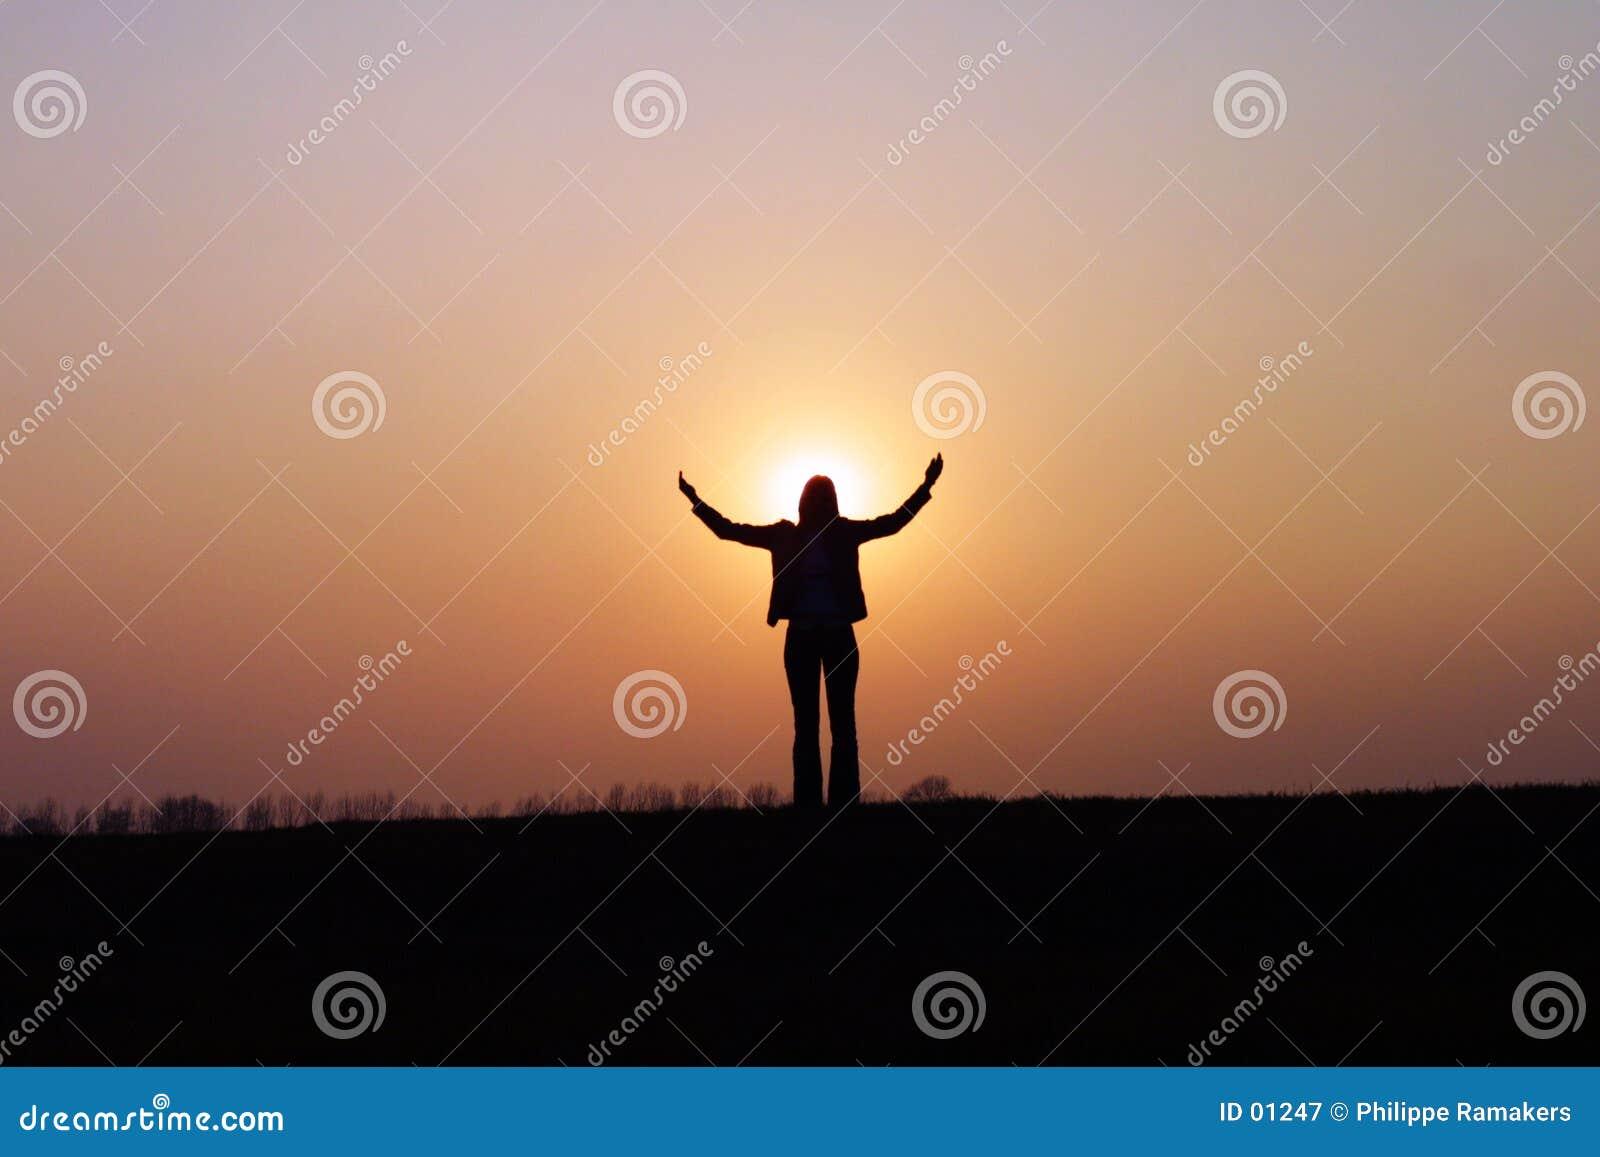 υποδοχή ηλιοφάνειας